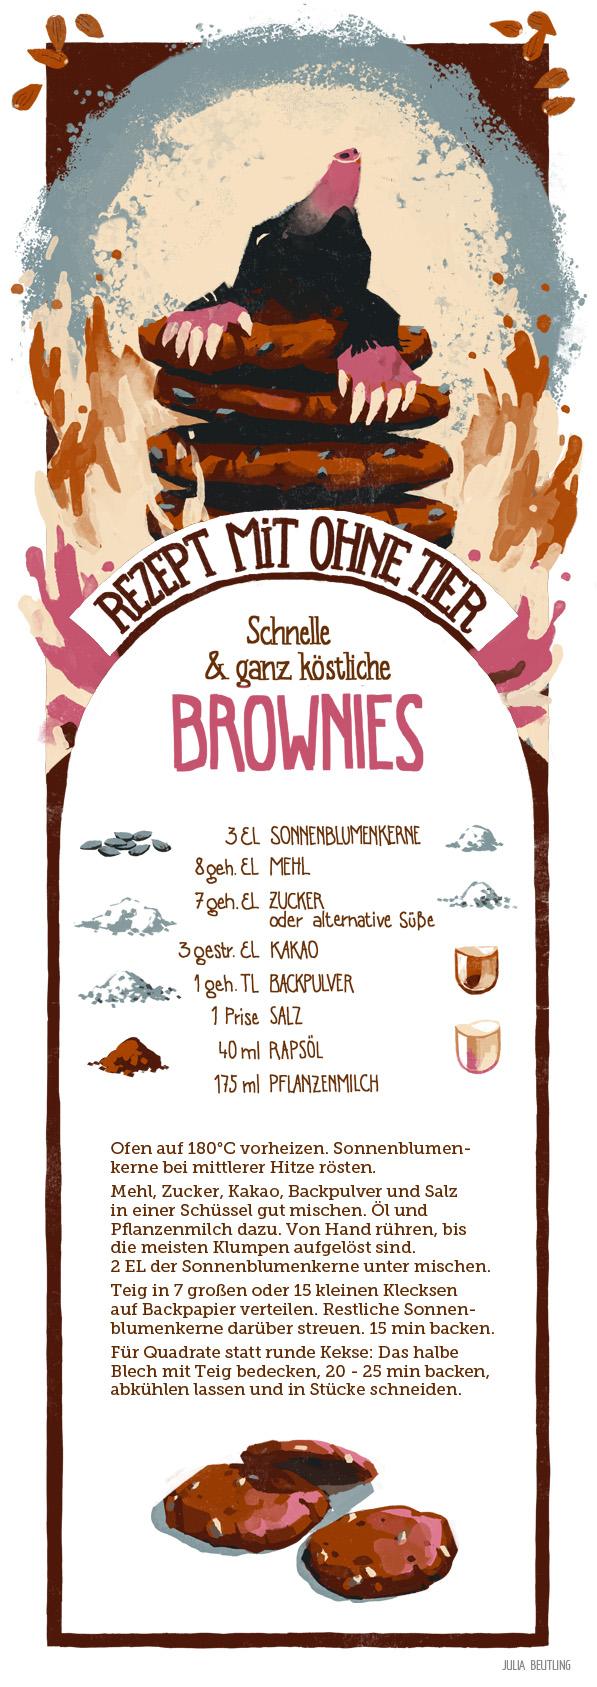 WEB rezept 7 DE brownies julia beutling